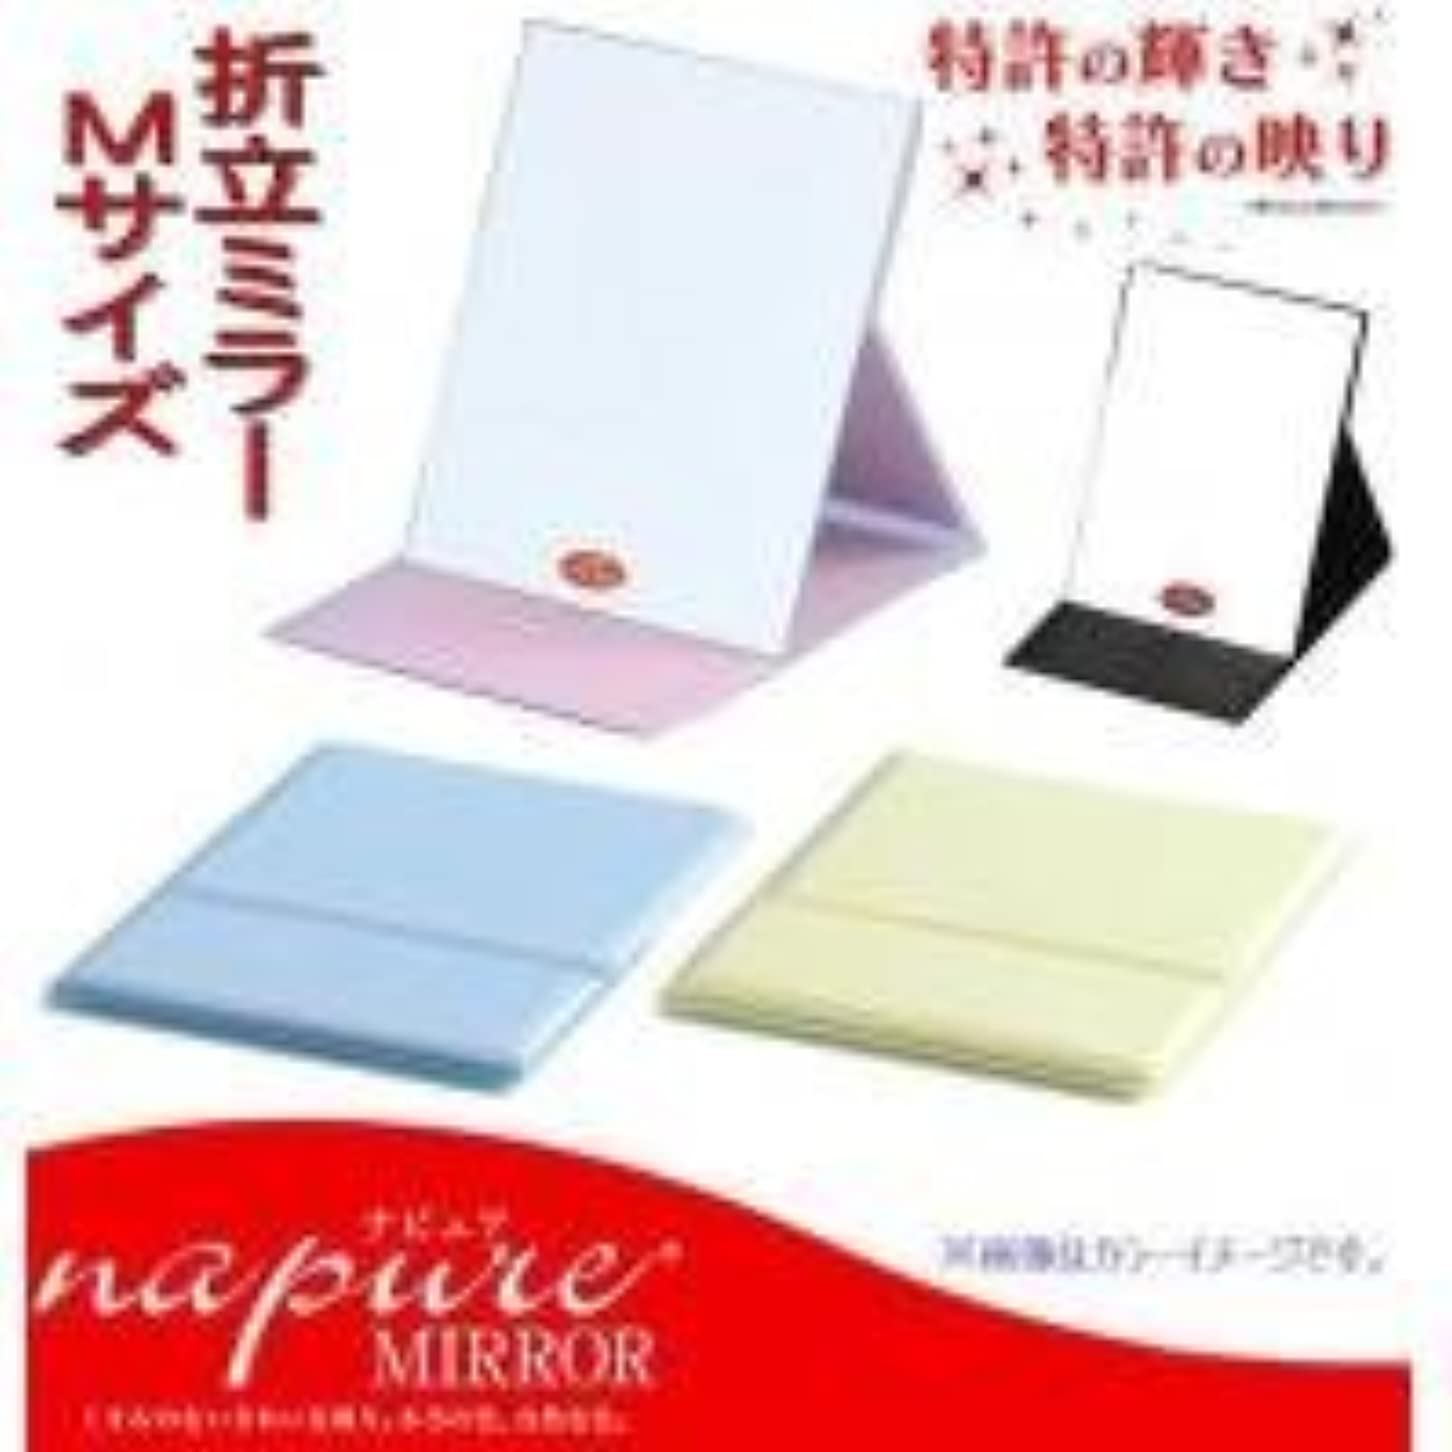 なだめる本聖域ナピュア プロモデル カラーバージョン折立ミラー M ブルー